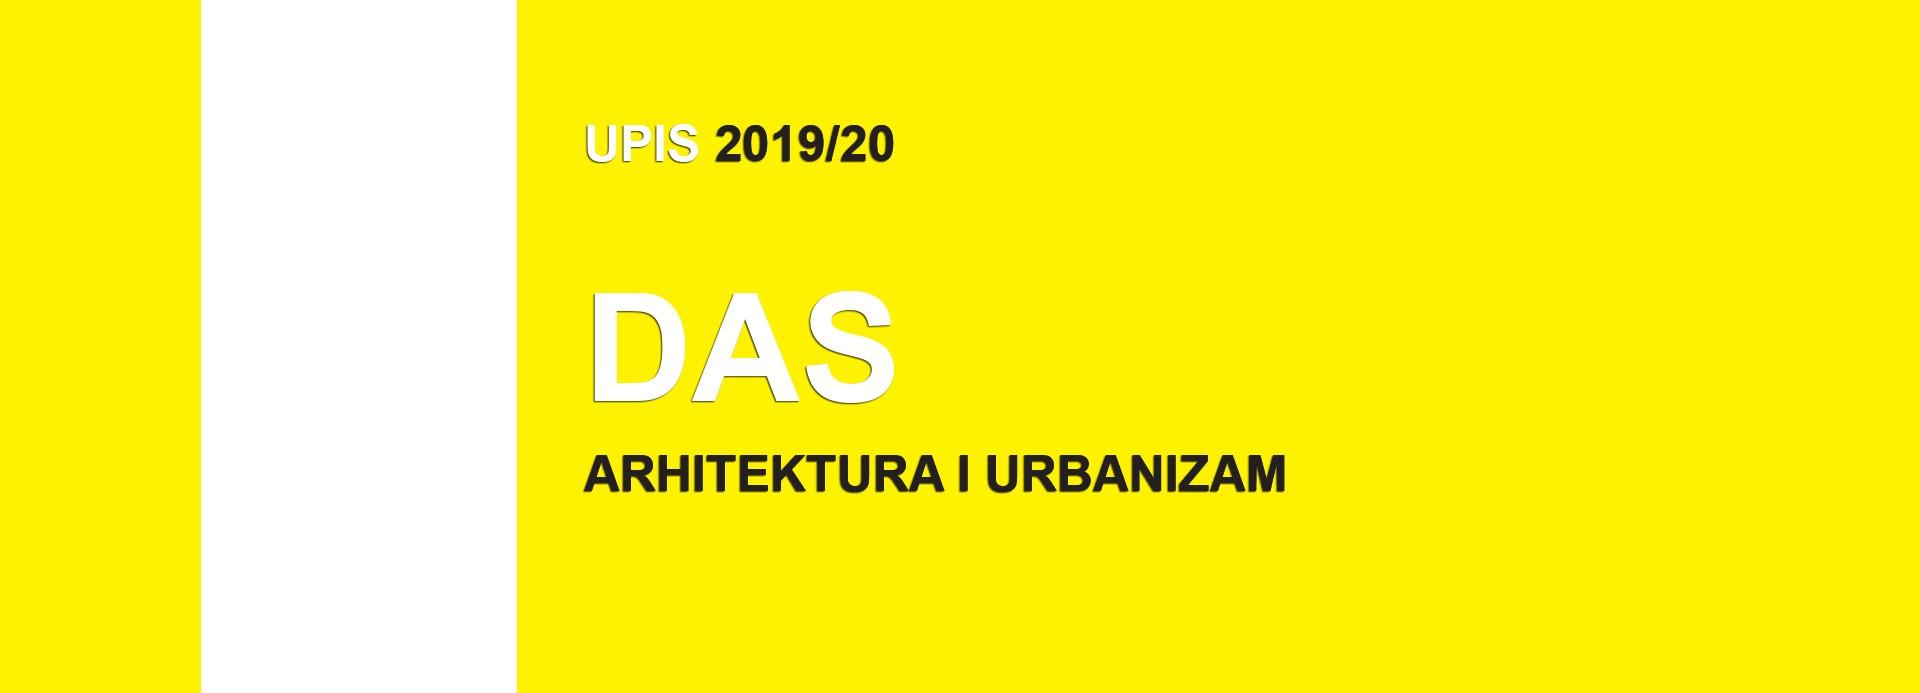 Докторскe академскe студиje – Архитектура и урбанизам 2019/20 – прелиминарне ранг листе